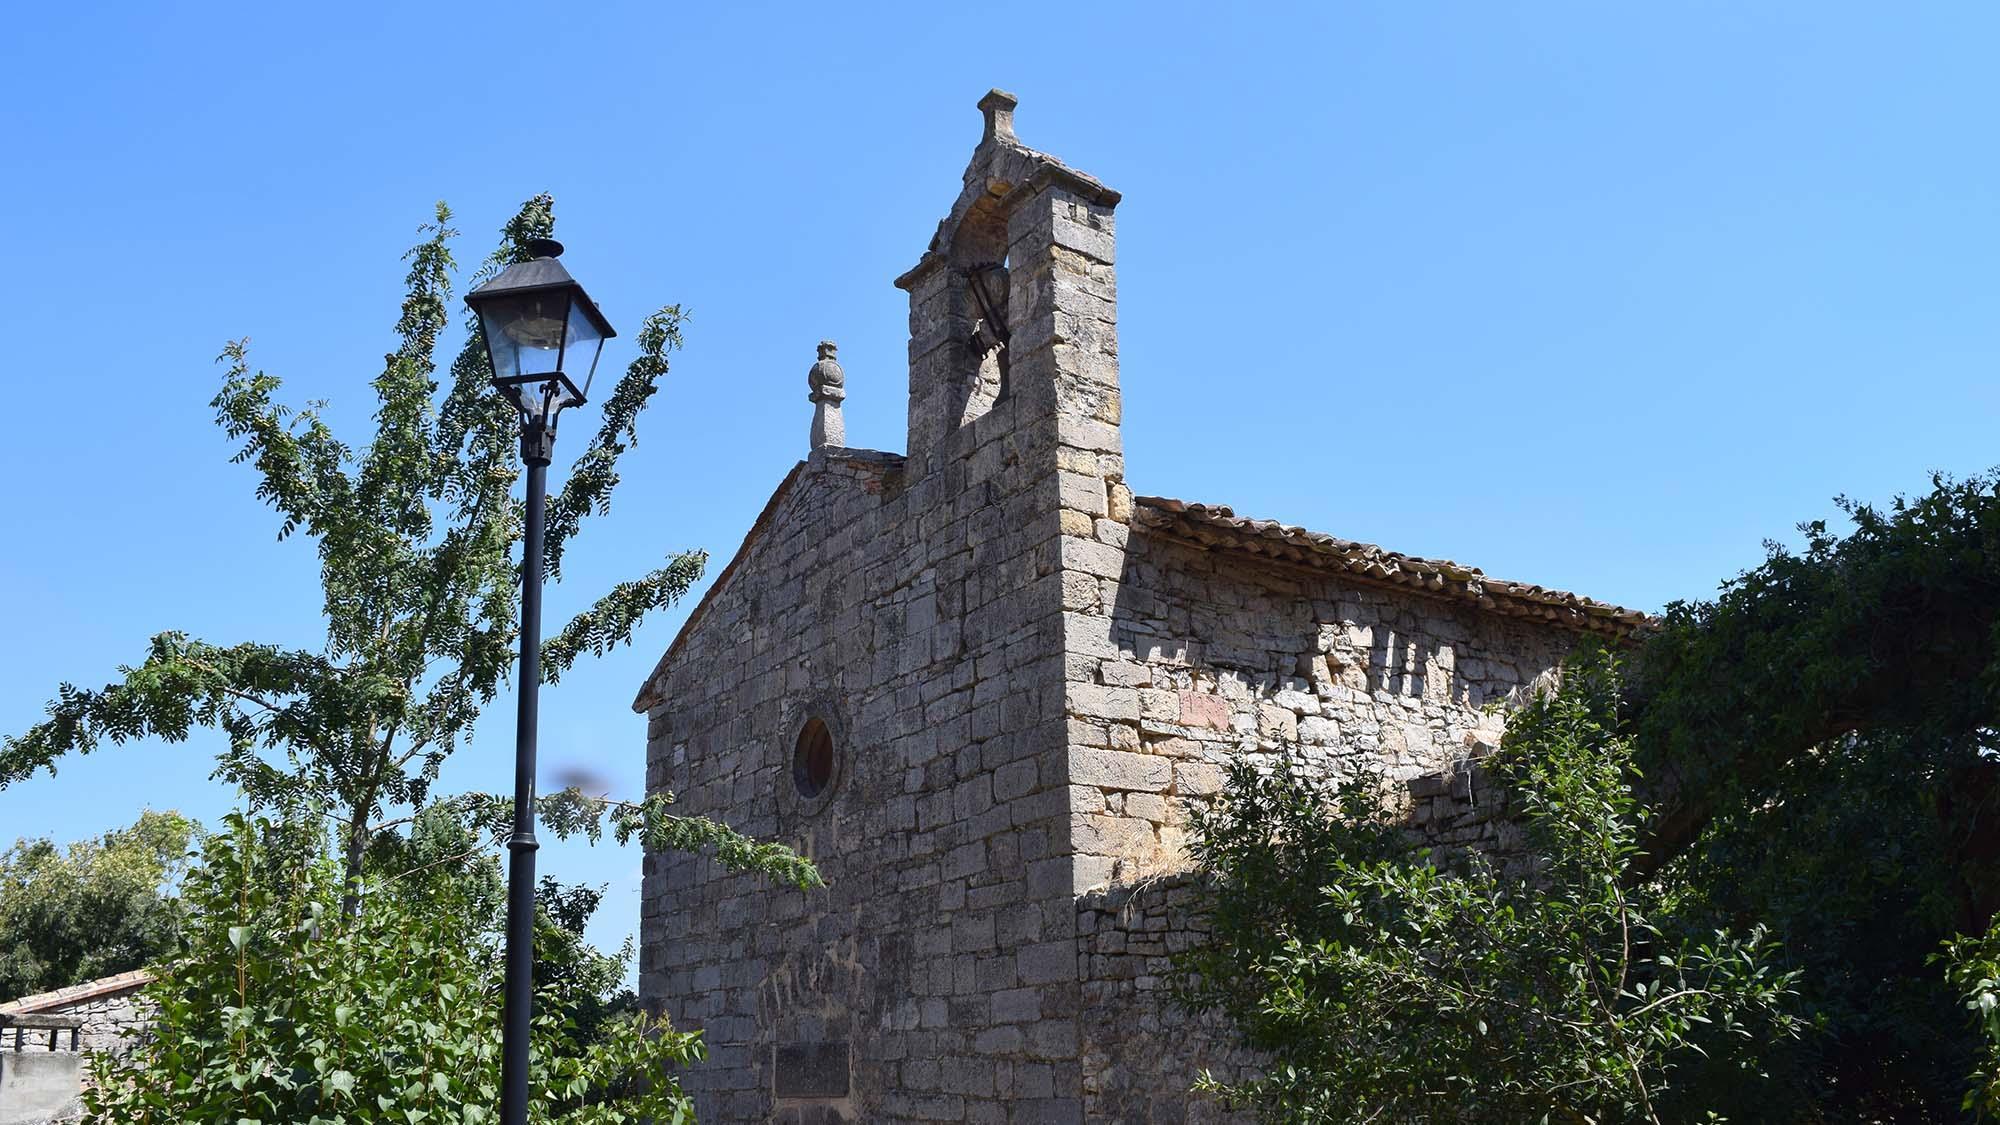 Church of la Nativitat de la Verge Maria